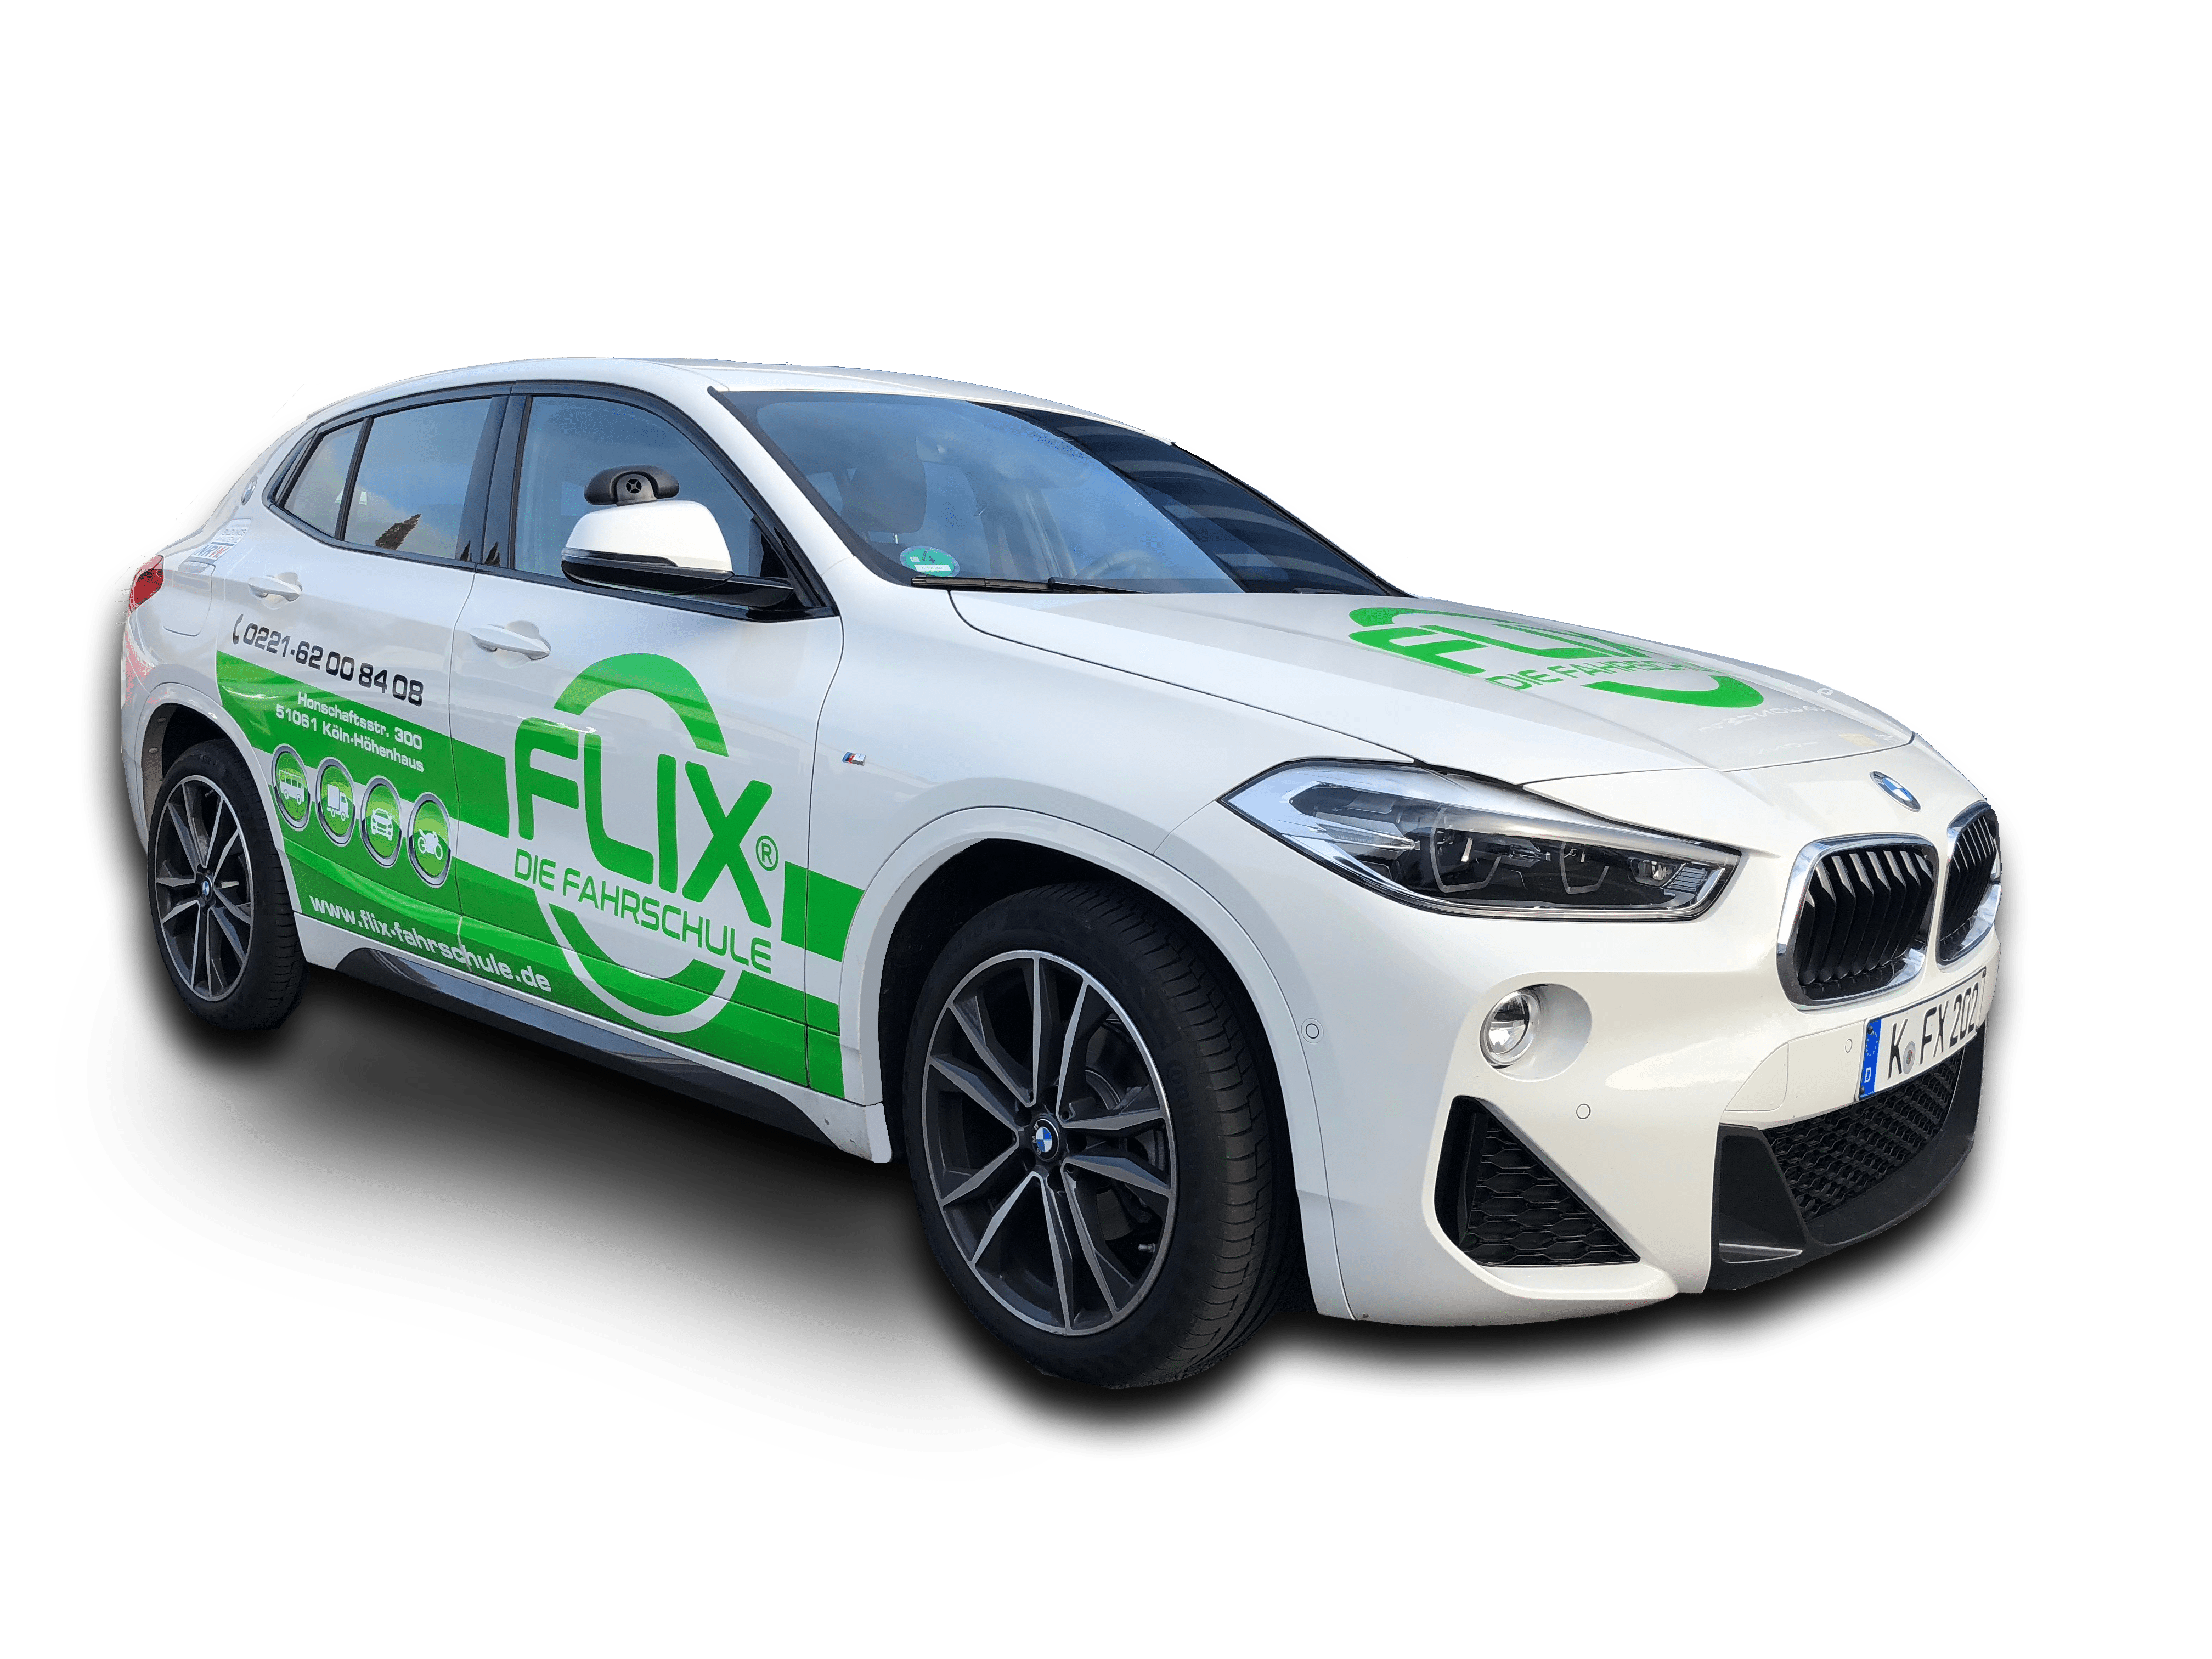 BMW X2 Flix die Fahrschule neu